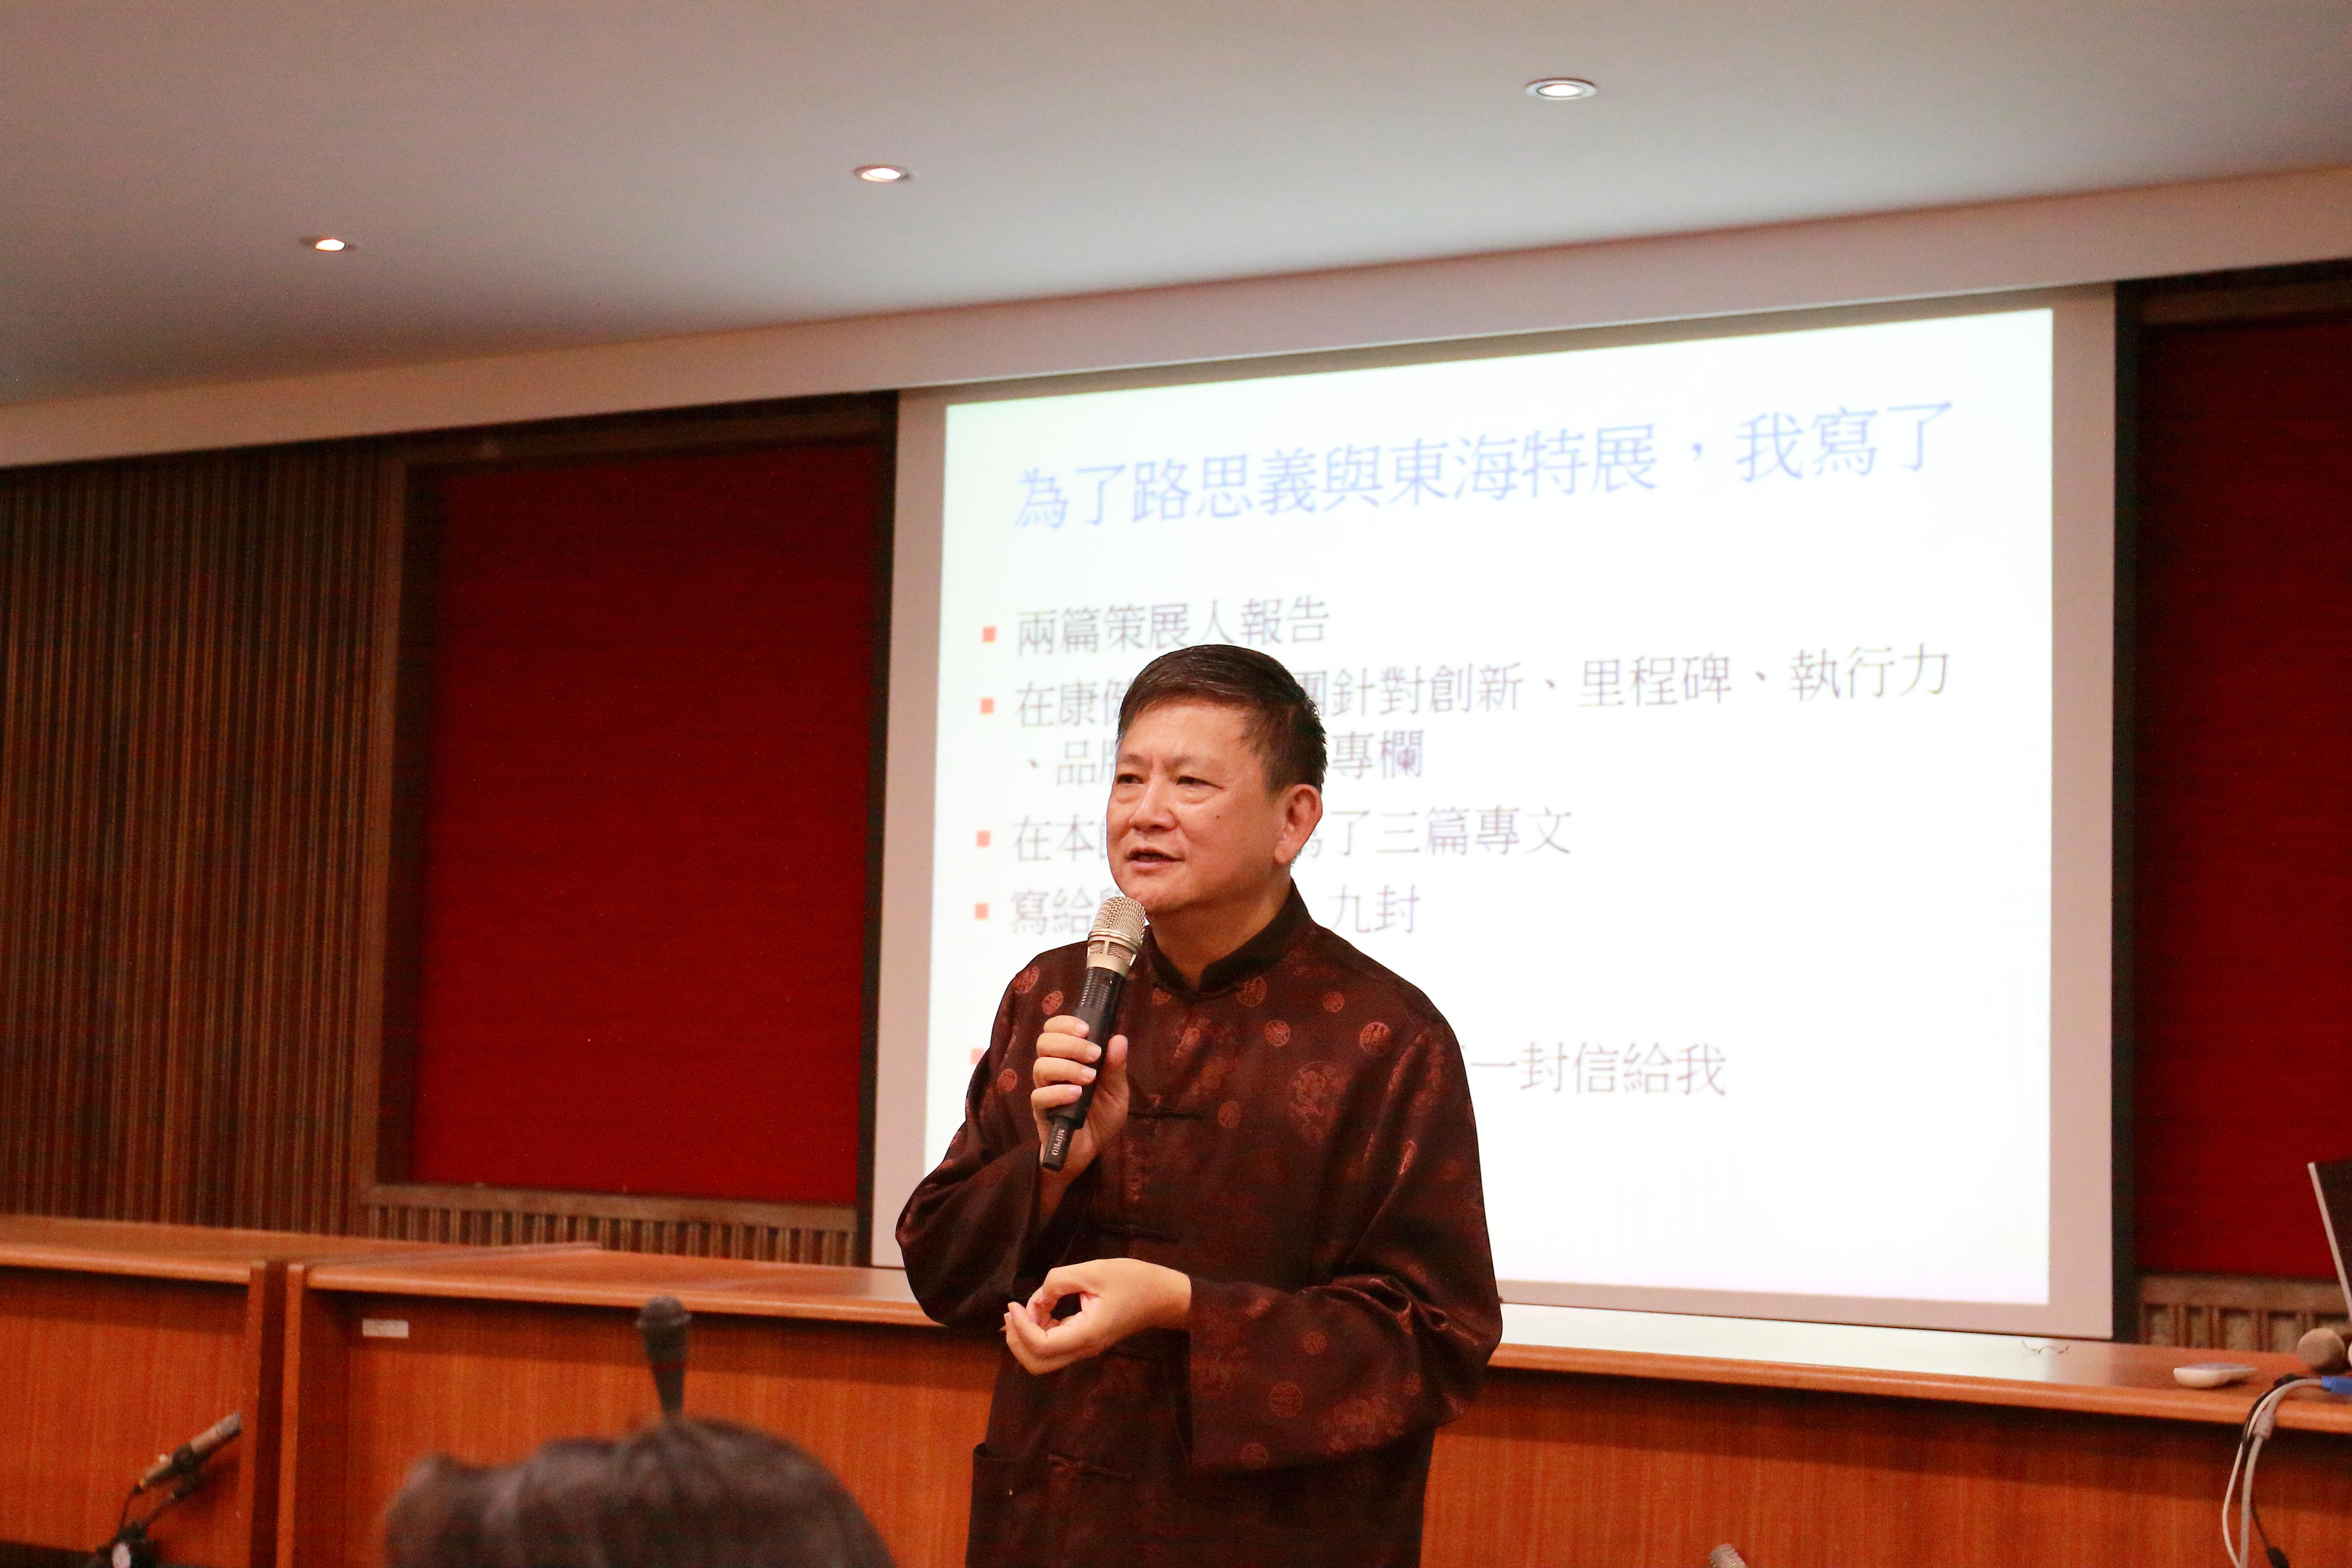 東海大學圖書館館長彭懷真教授專題演講